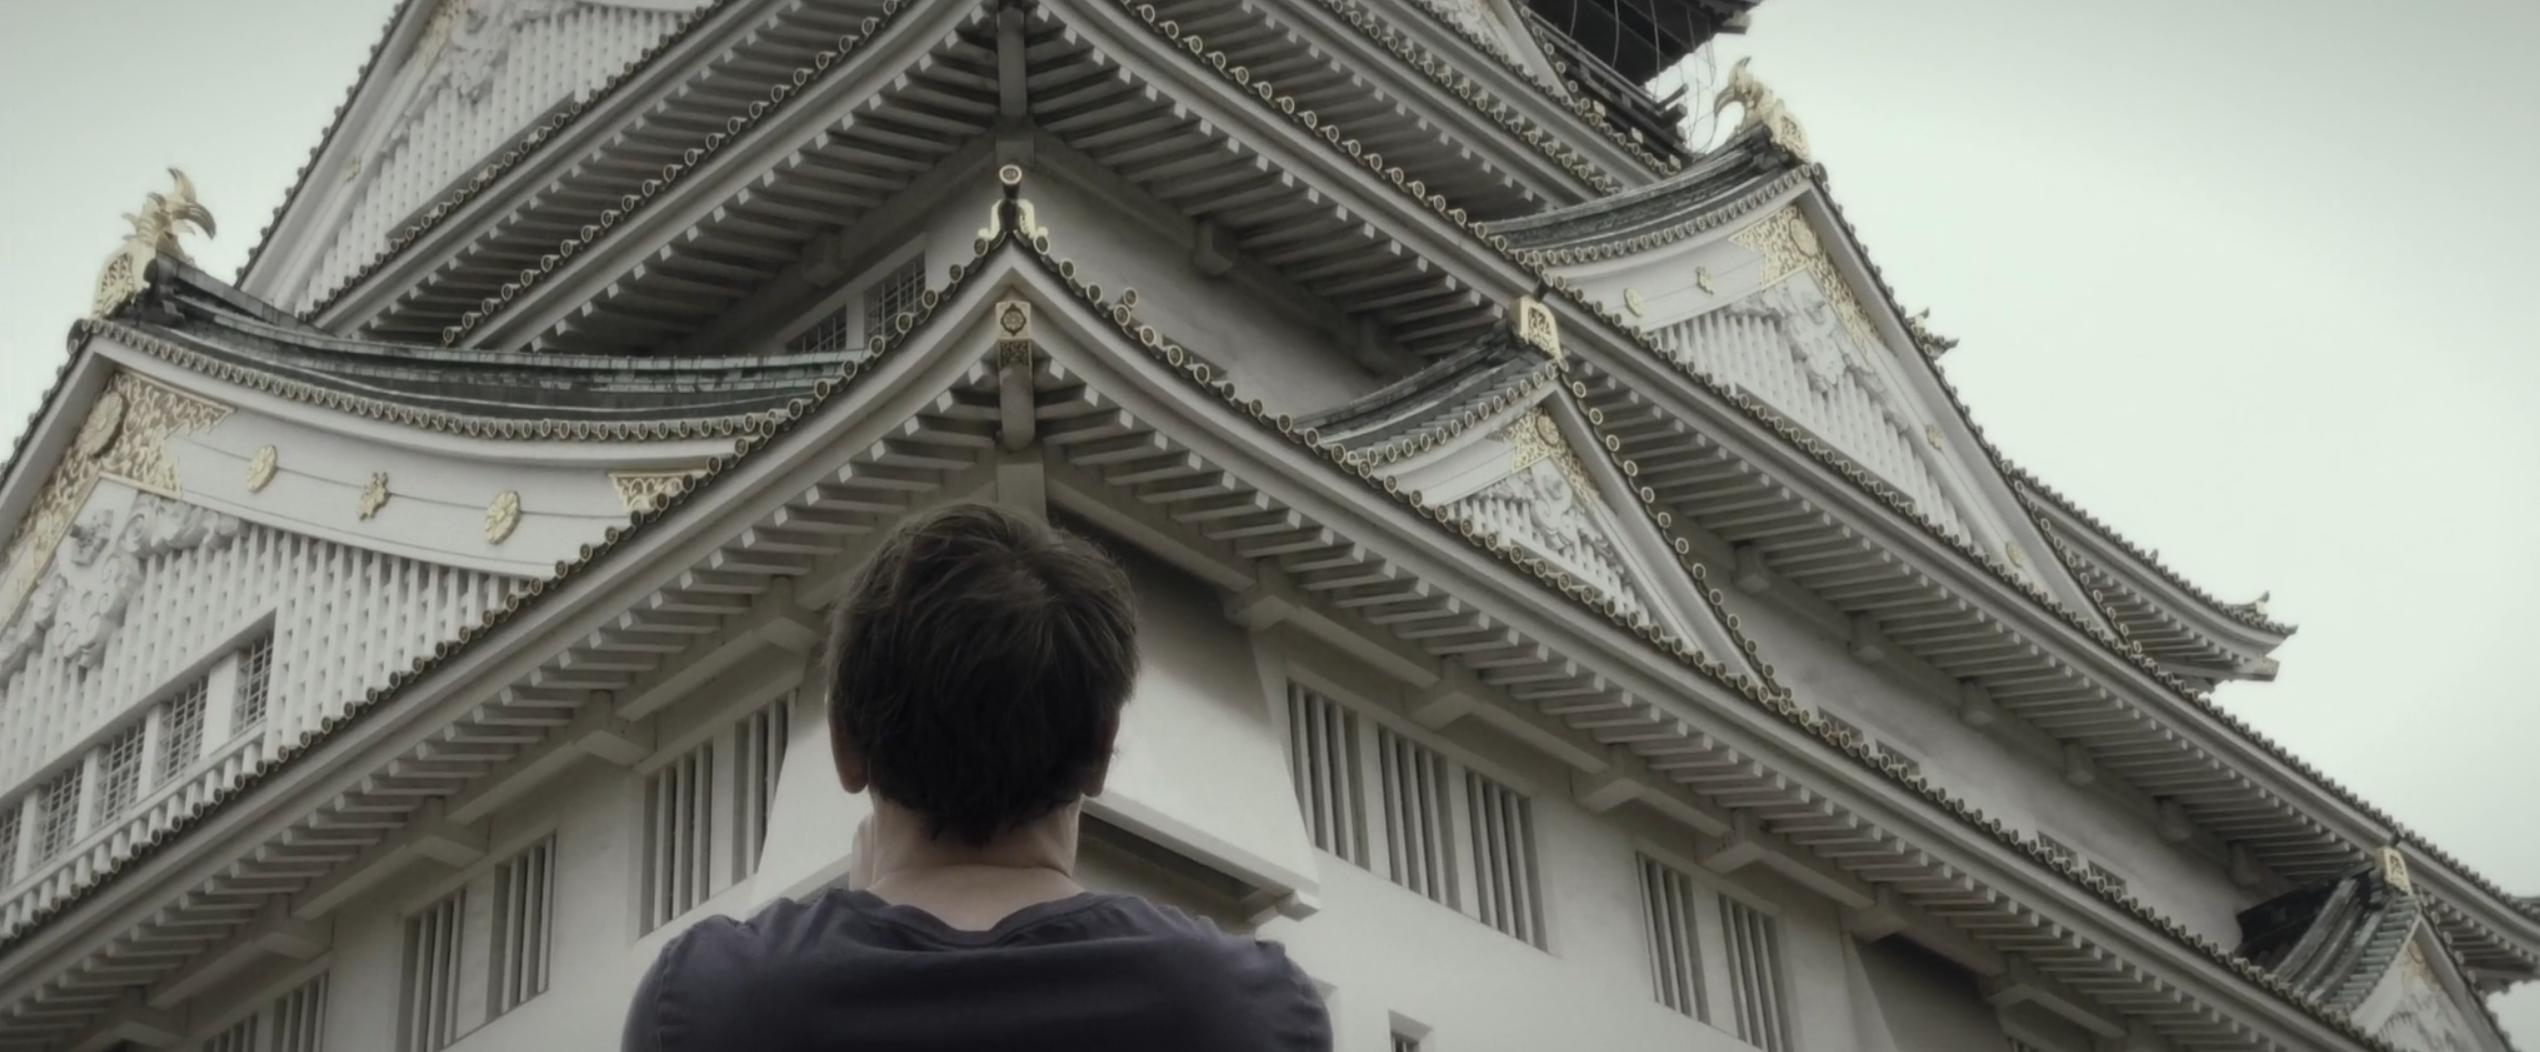 Ce film de 4 minutes propose un voyage express au Japon, entre tradition et modernité ! By Thomas R. Court-metrage-beaute-japon-8